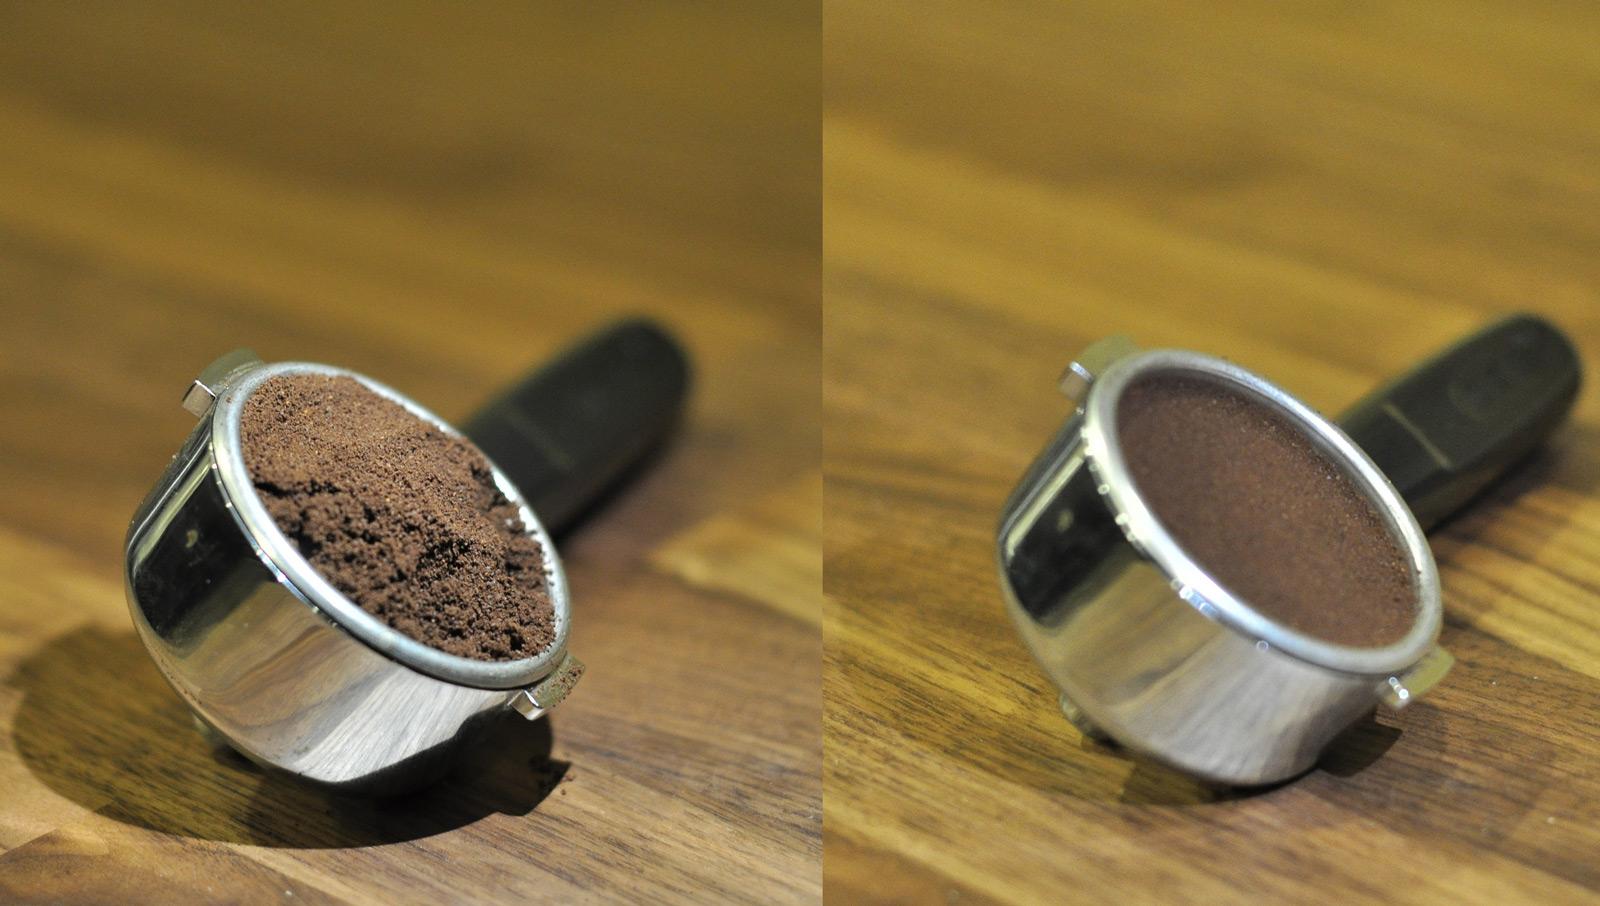 presso manual lever espresso machine